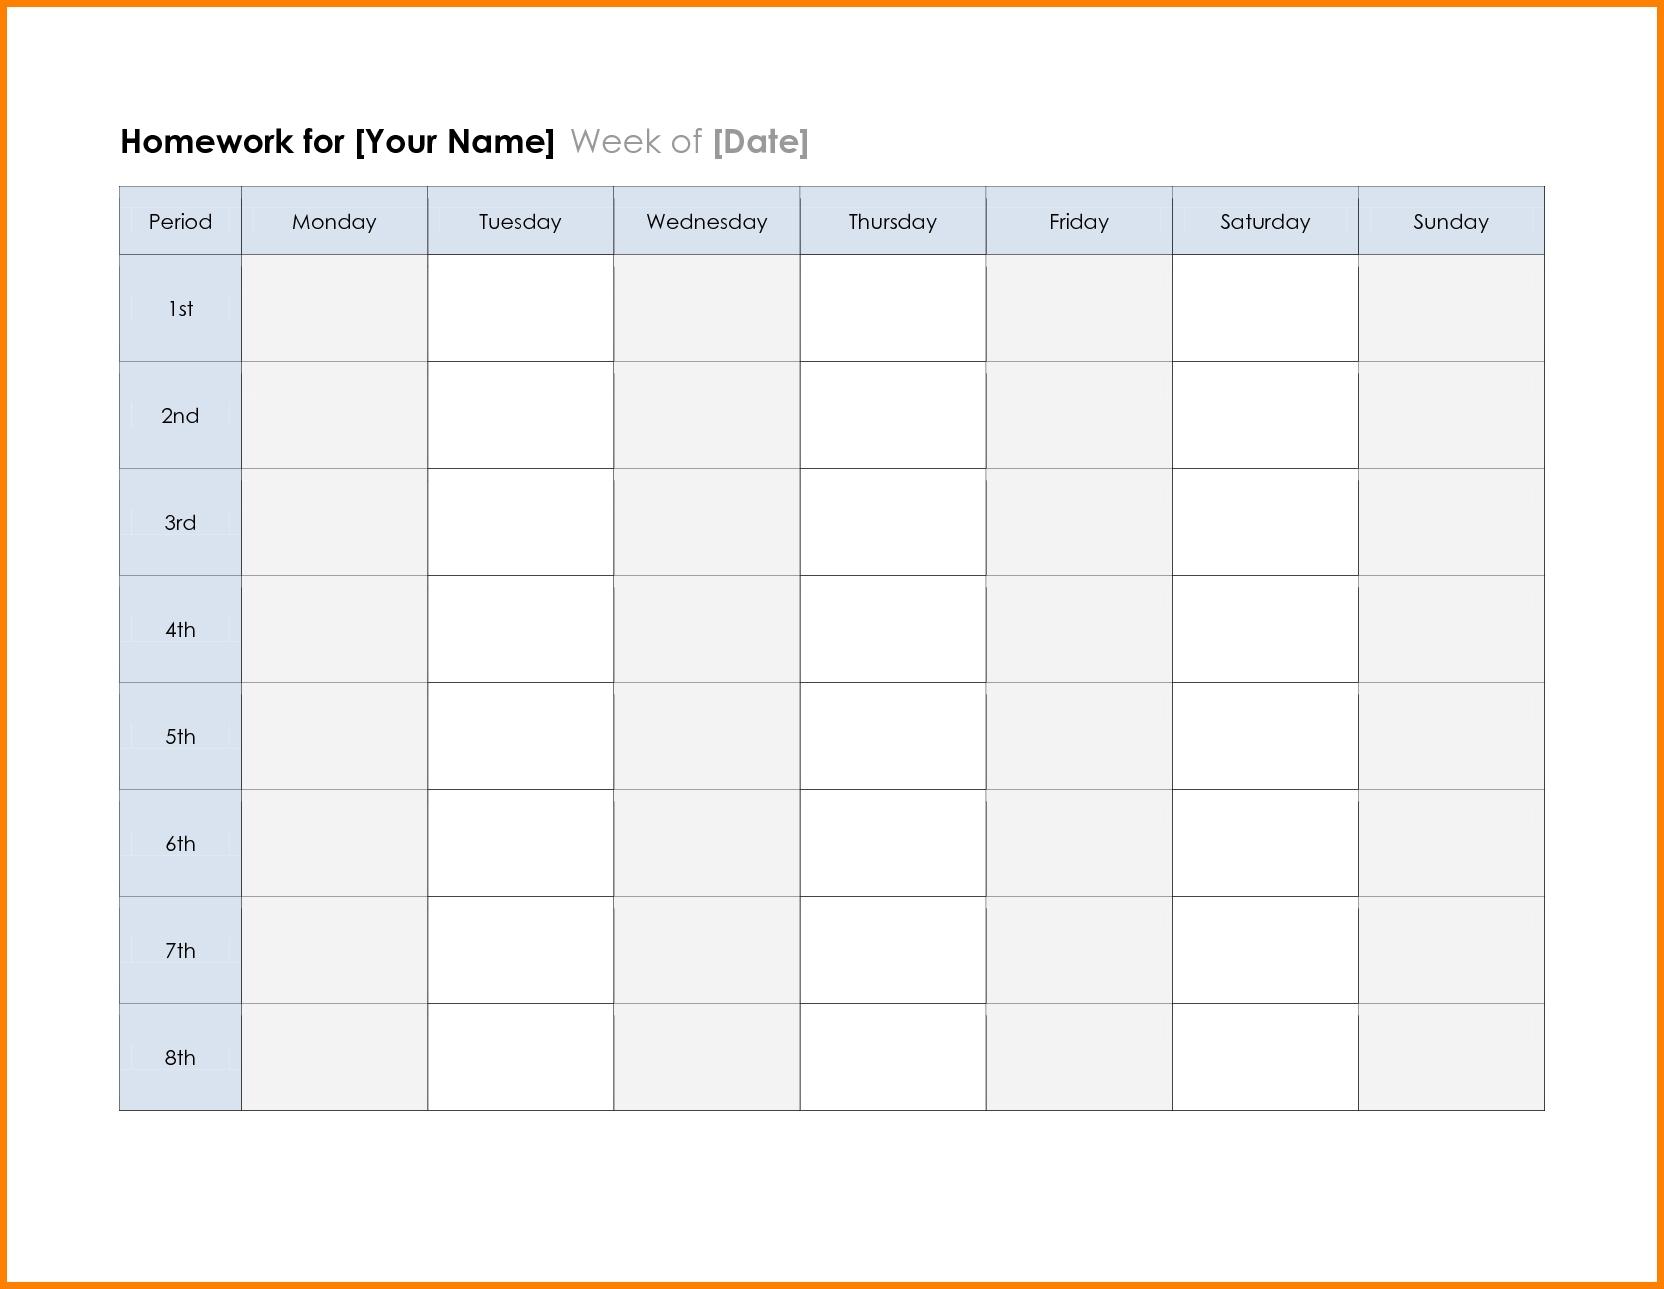 2018 calendar printable planner template excel word pdf mandegar Free Printable Weekly Calendar Pdf  erdferdf